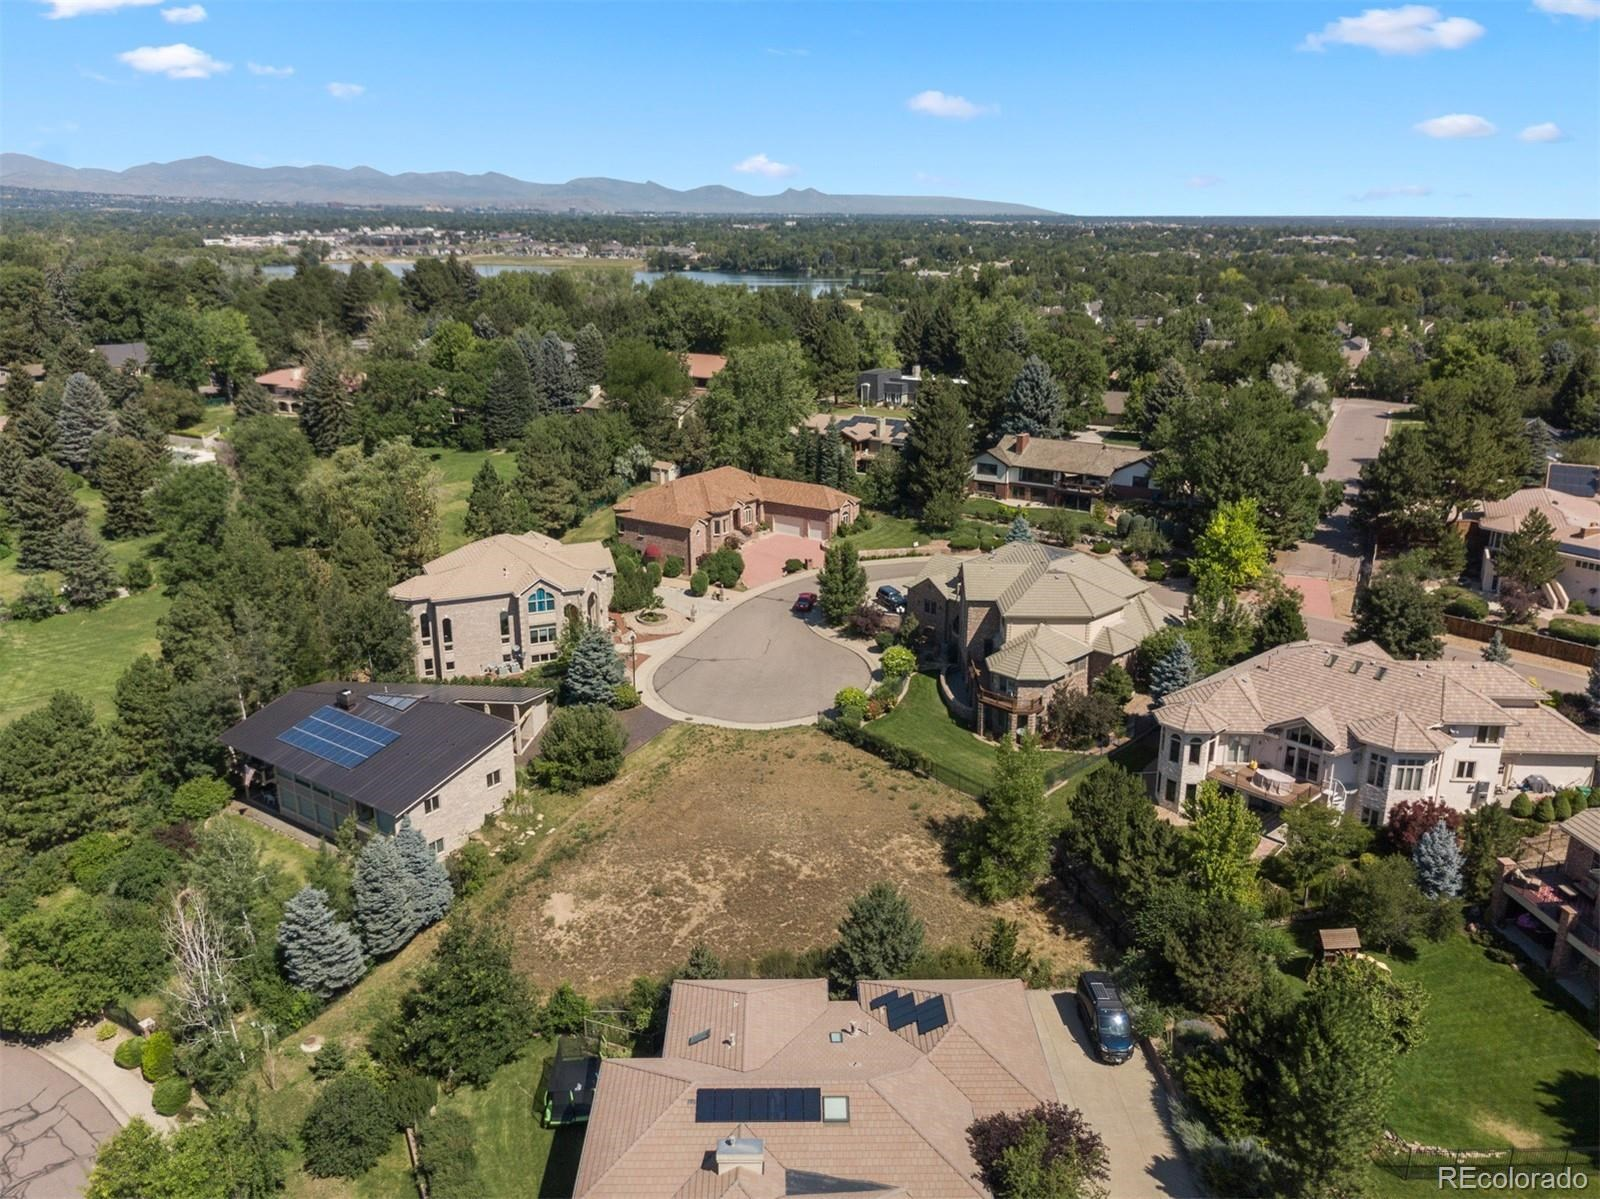 MLS# 4397080 - 11 - 2581 S Harlan Court, Lakewood, CO 80227